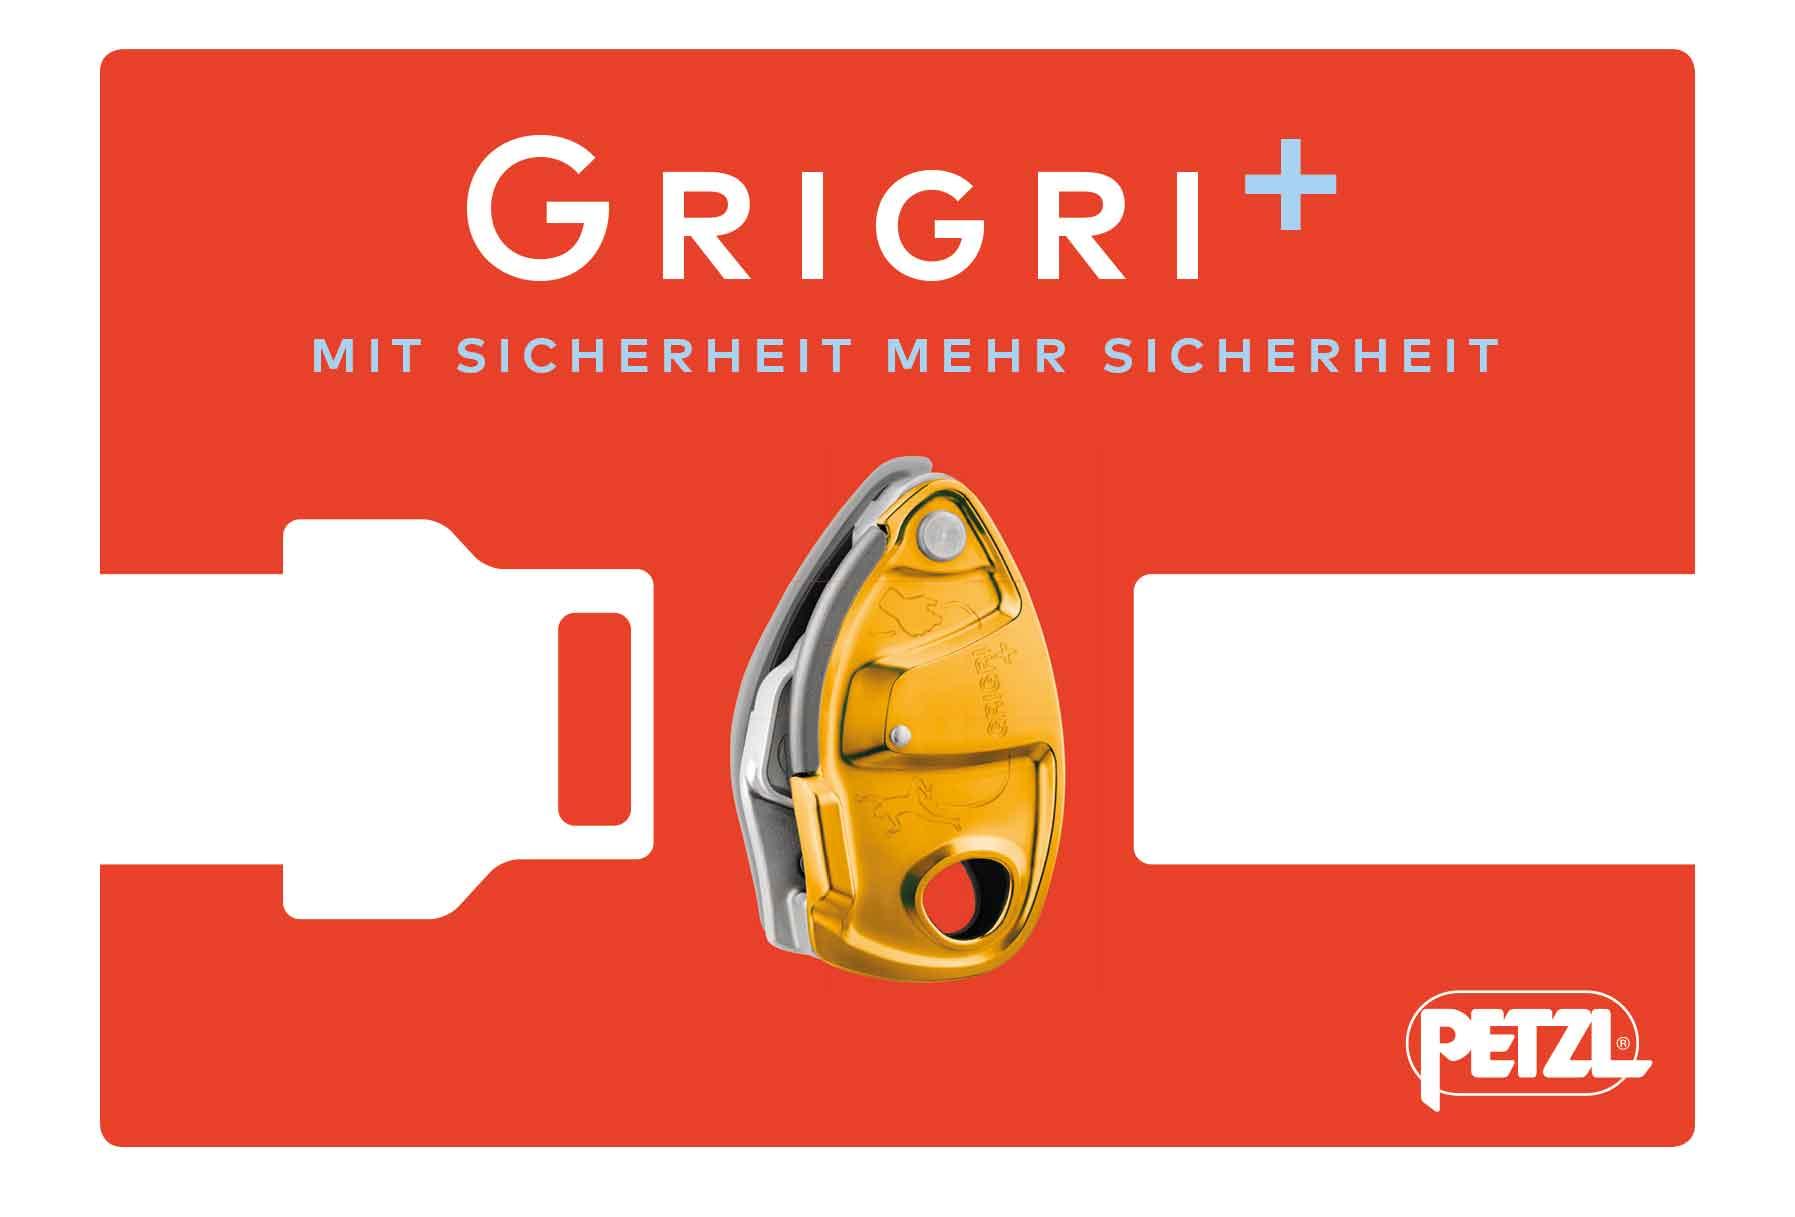 RZ_Petzl_Grigri_FB_Teaser-1.jpg